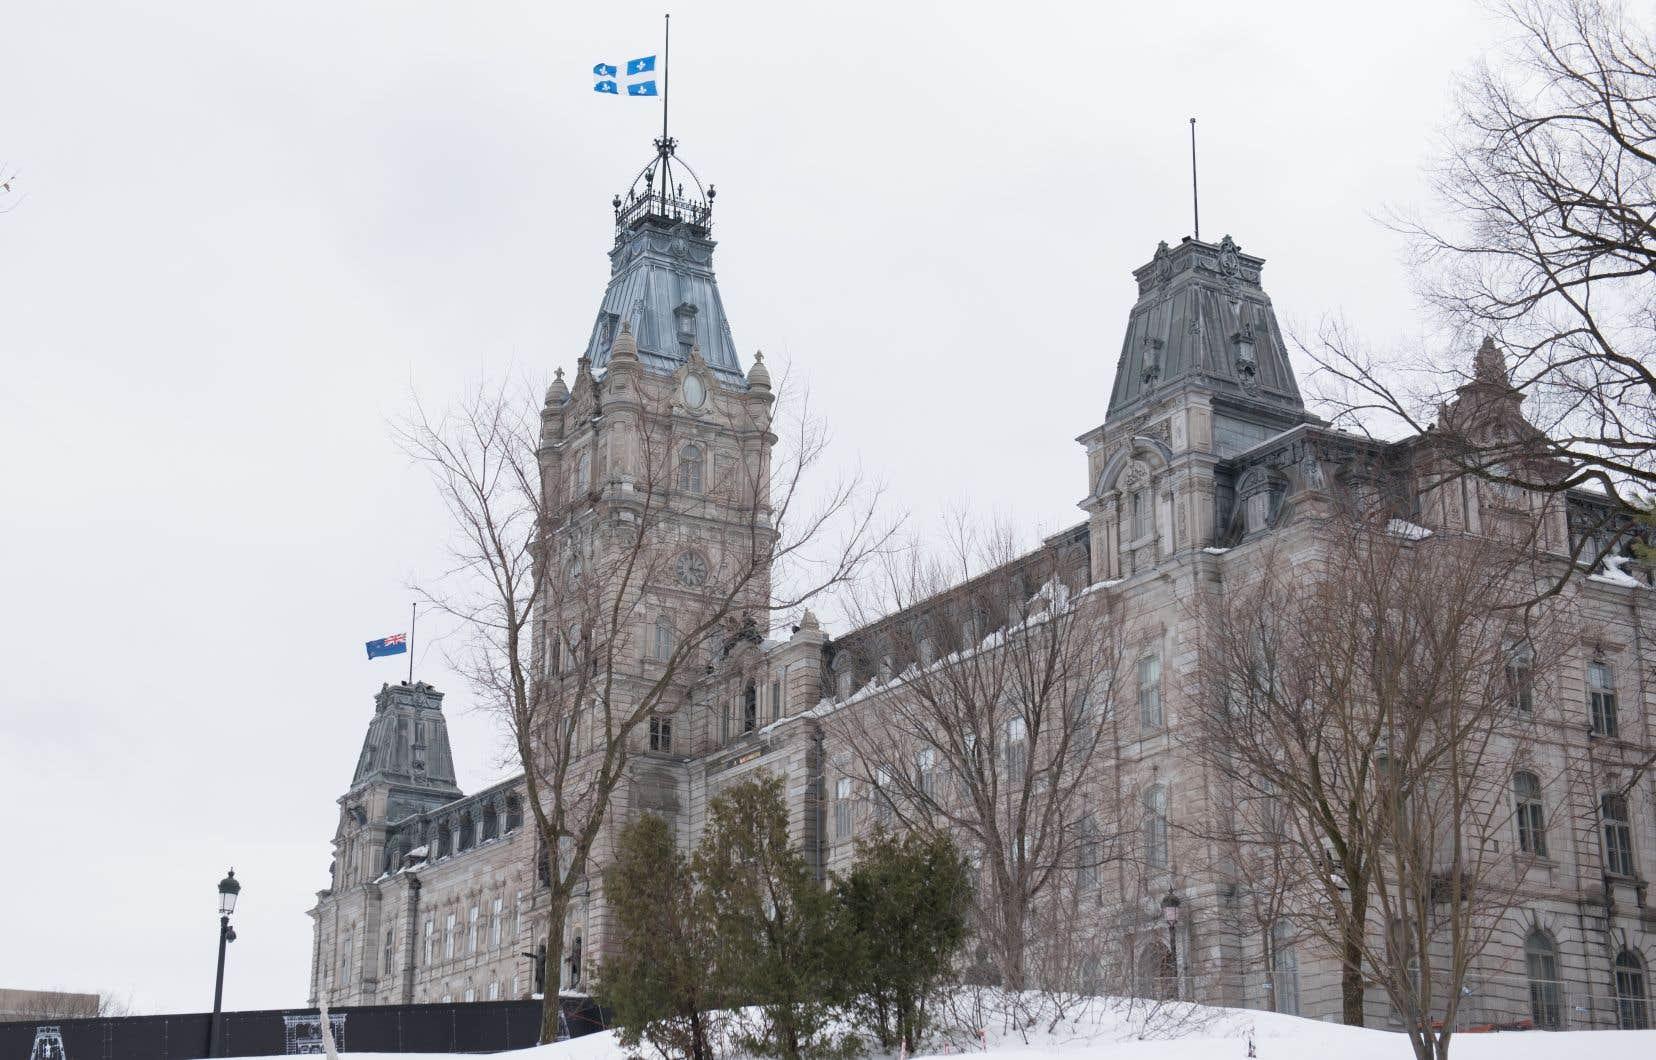 Les travaux de l'Assemblée nationale seront suspendus jusqu'au 21avril en raison de la pandémie causée par le coronavirus.